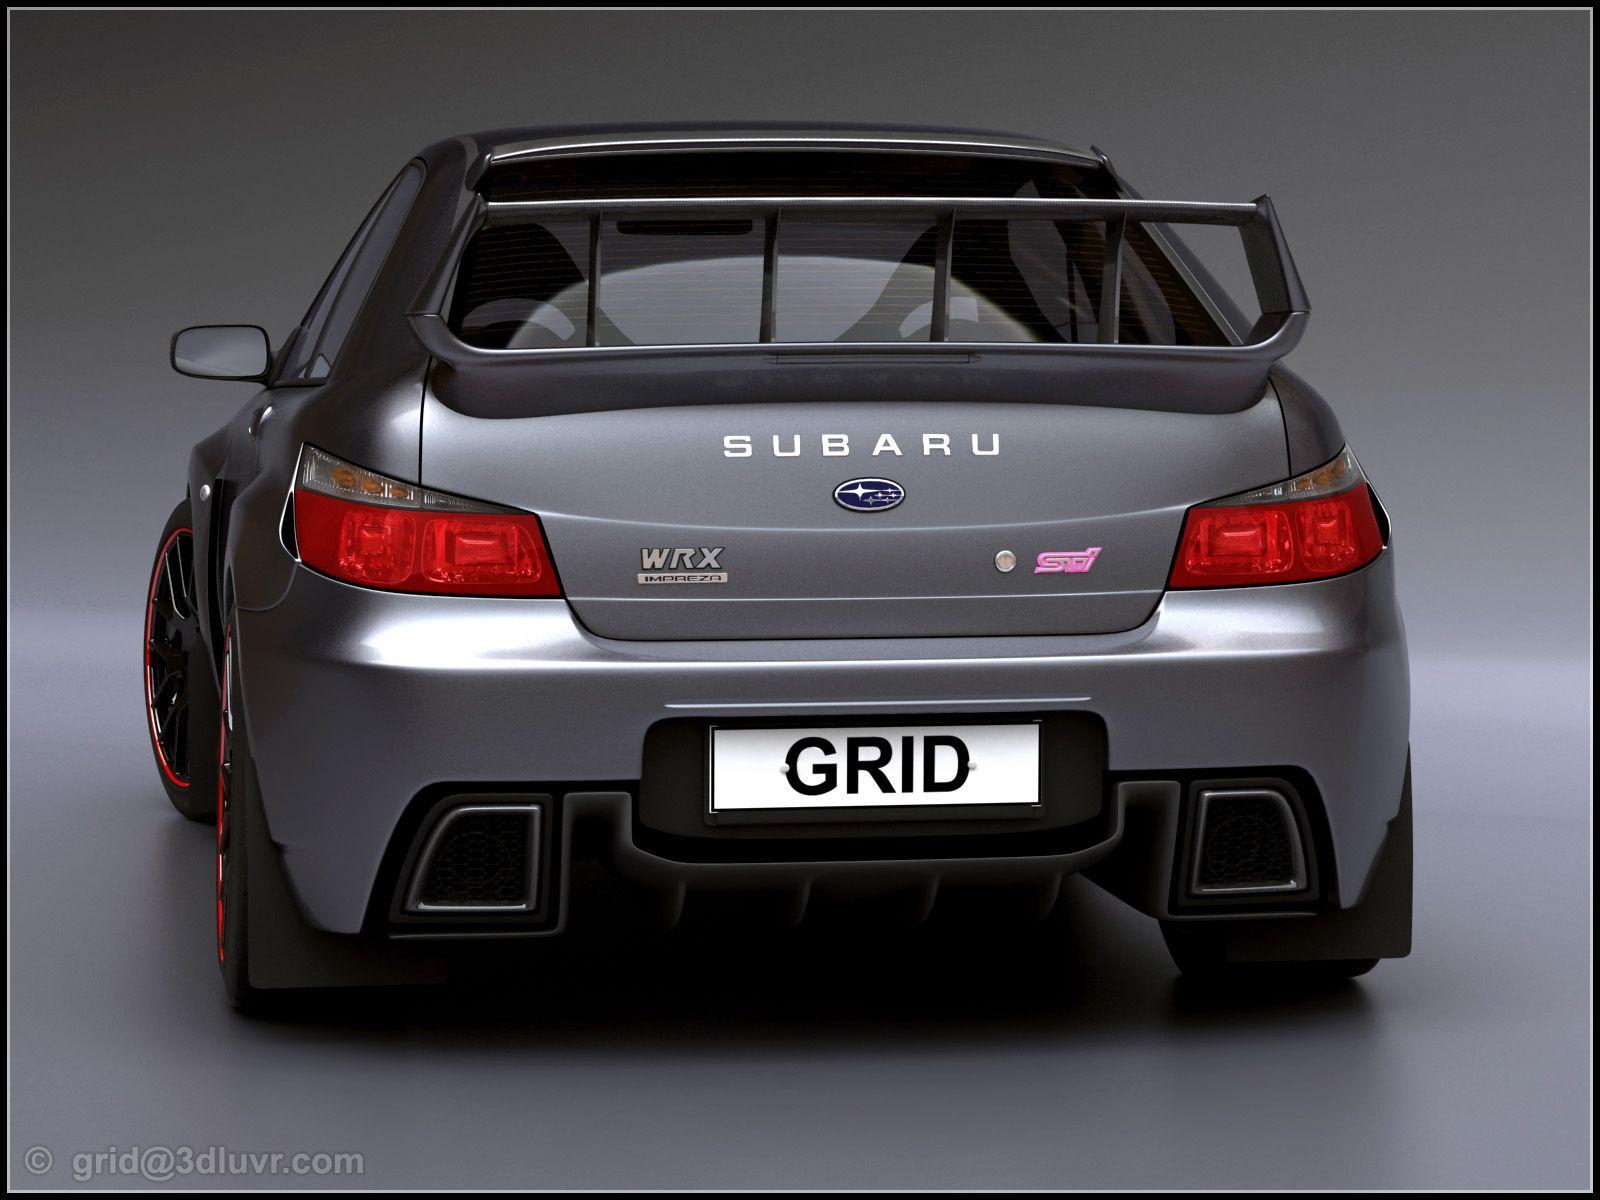 2007 subaru impreza wrx sti concept design by lars martensson rear wallpaper